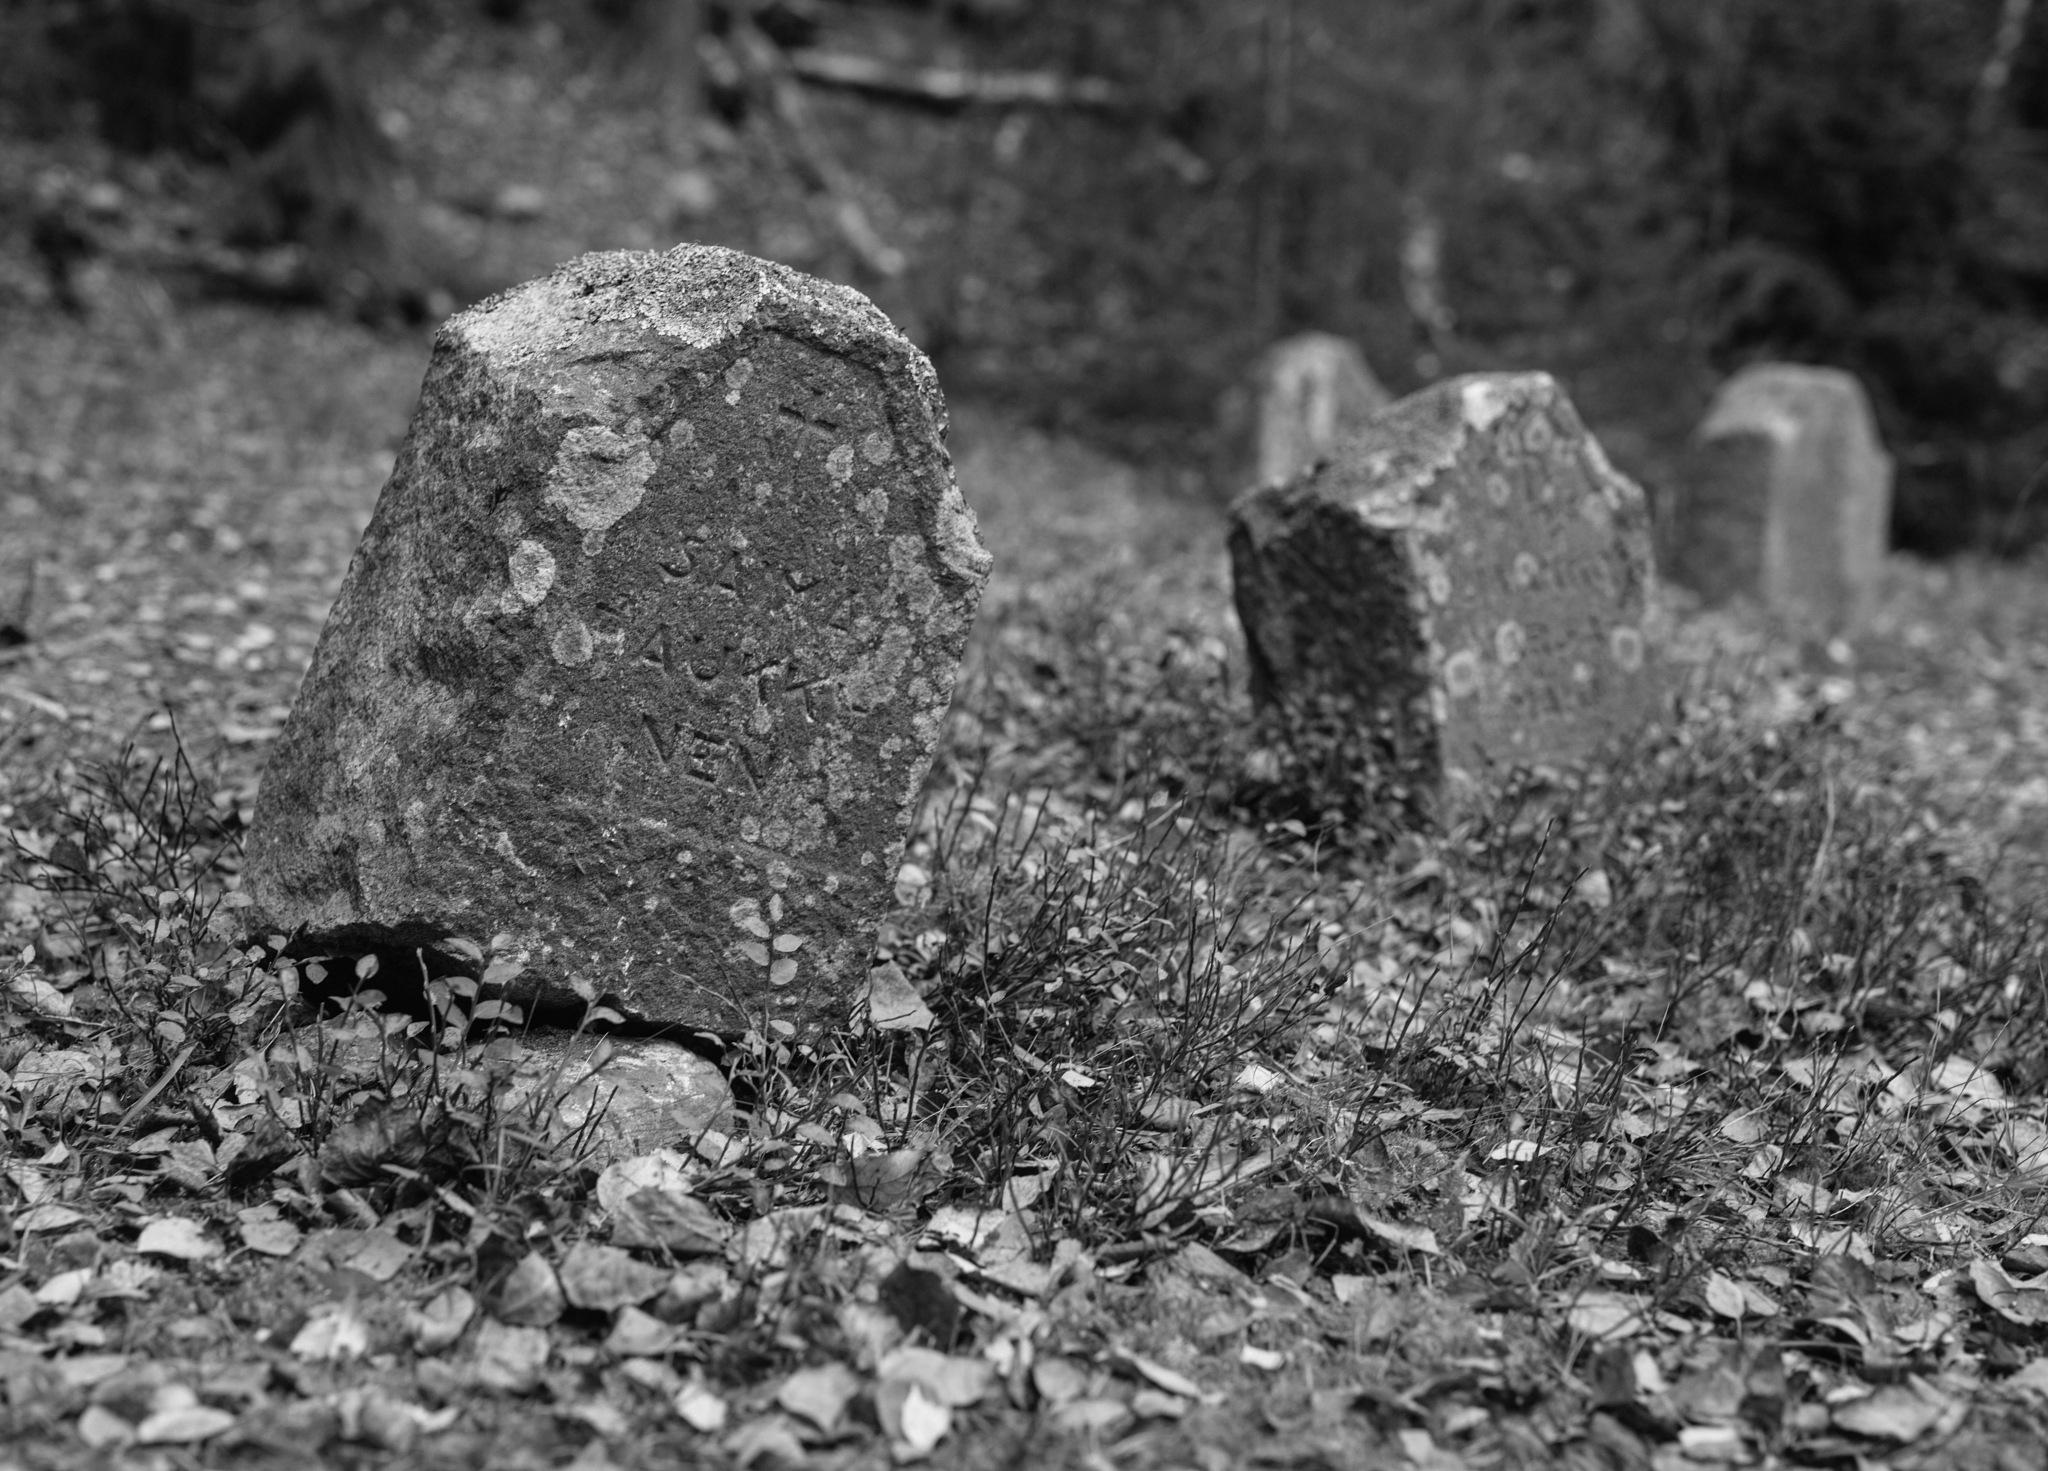 Abandon Cemetery by Veli-Matti Launio